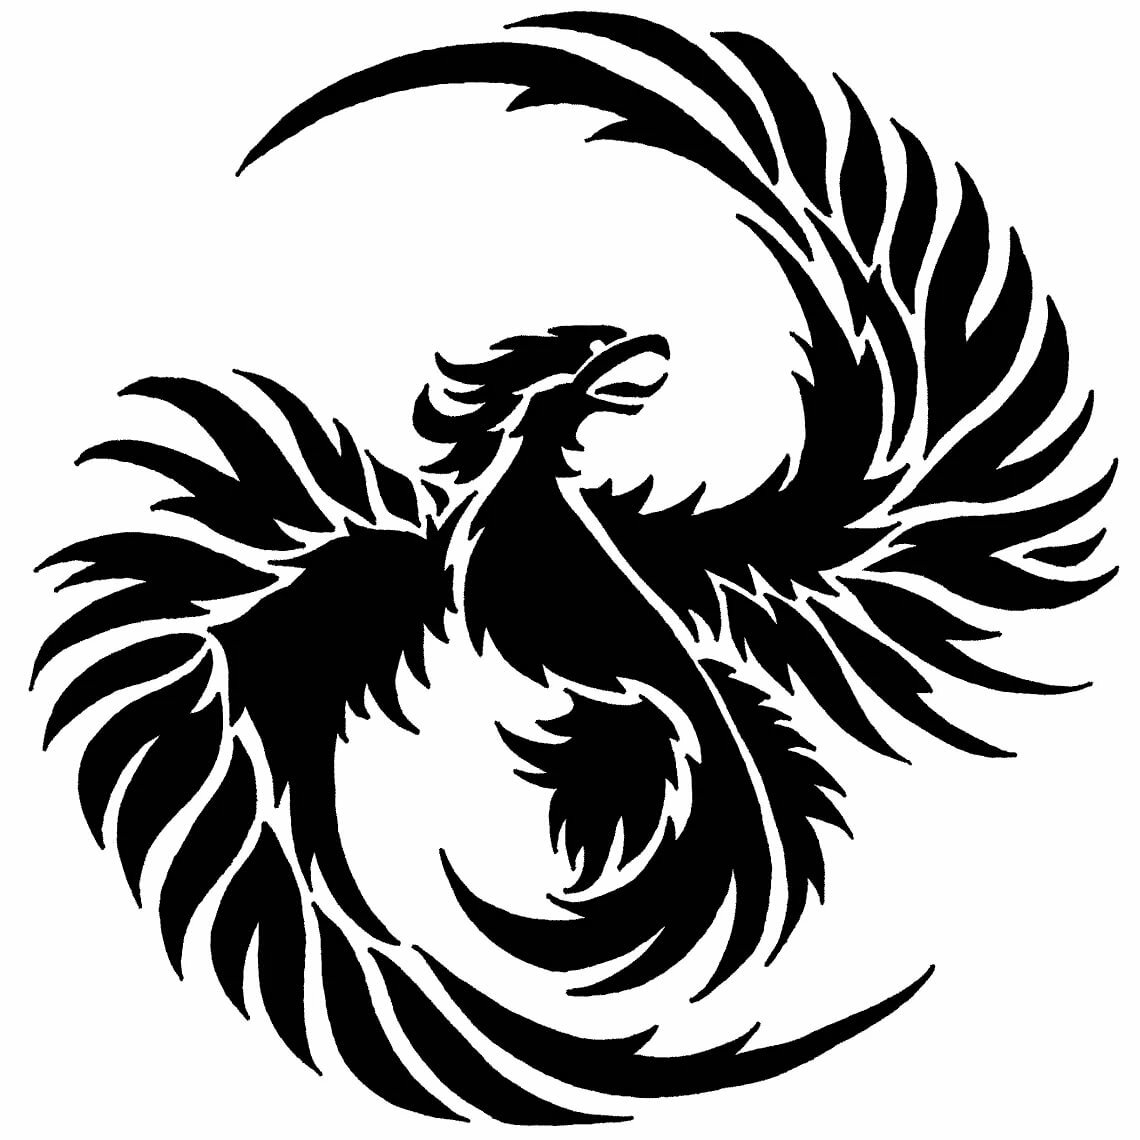 потрясающего птица феникс картинка в векторе вам